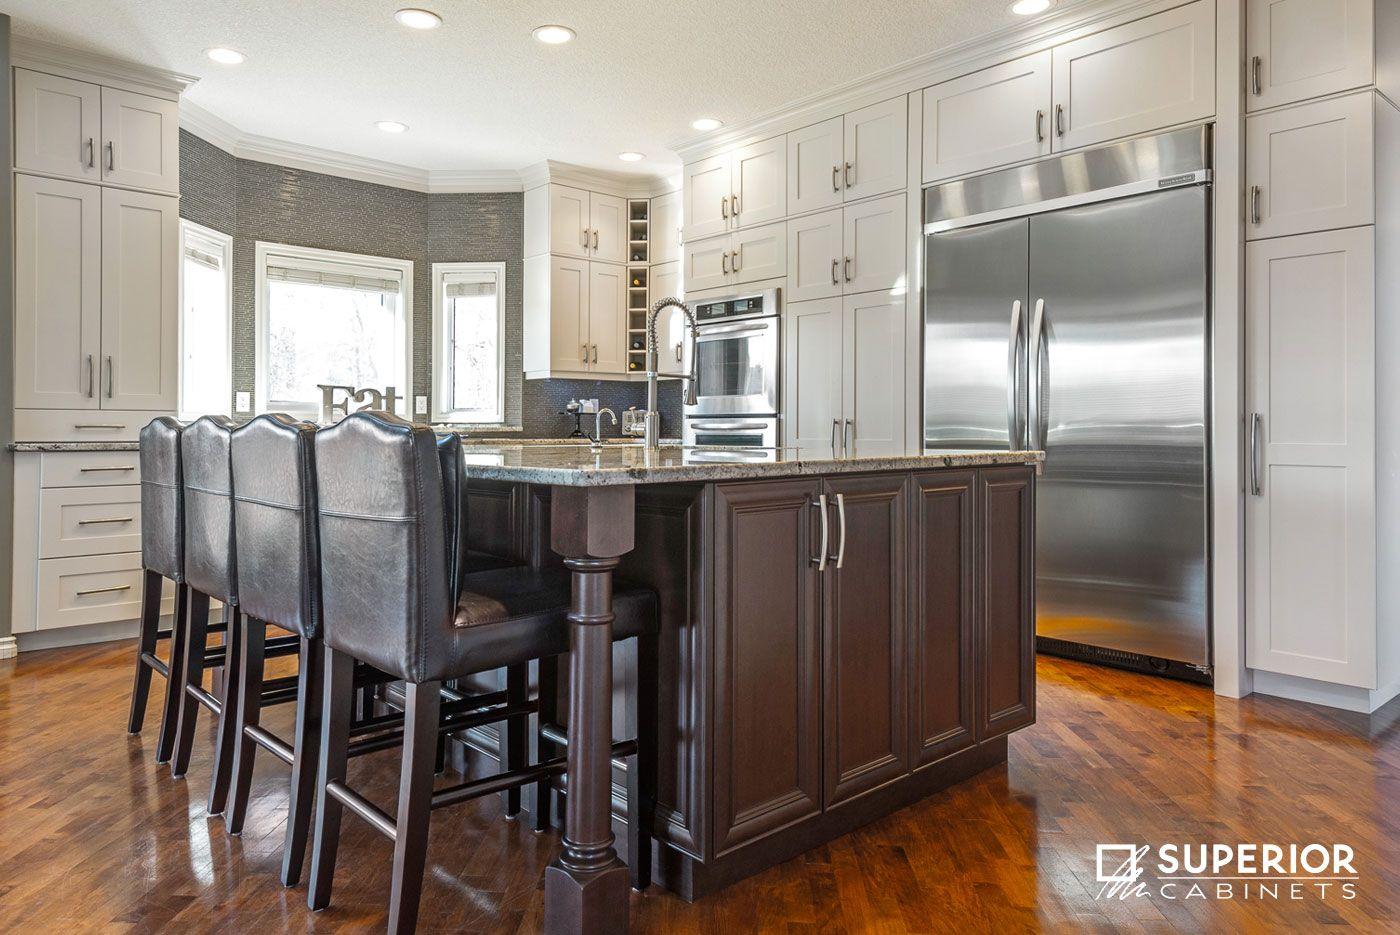 Ordinaire ... Meringue Finish; Island Cabinets: Maple, Molasses Finish;Countertops:  Granite, Colour Unknown; Design By: David Contardi, Superior Cabinets  Edmonton; ...